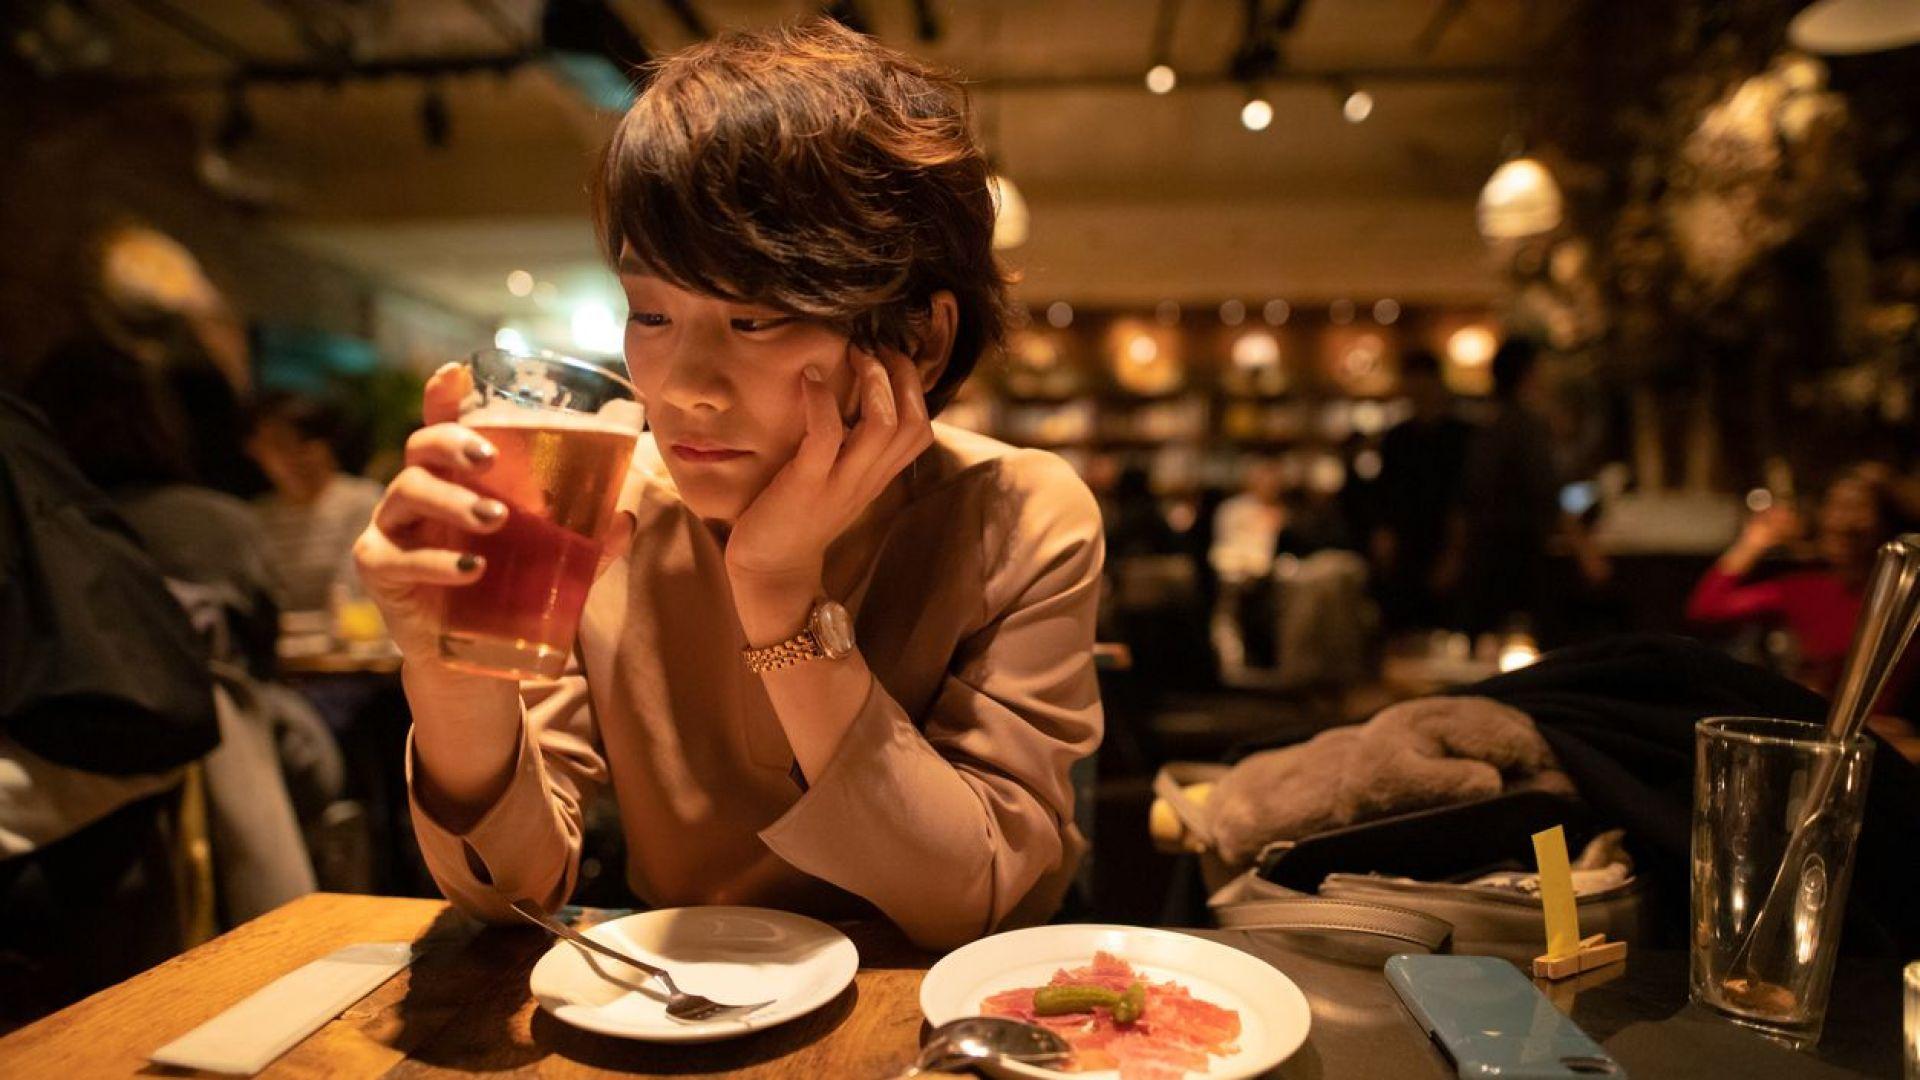 Първата кръчма за интроверти отвори врати в Япония